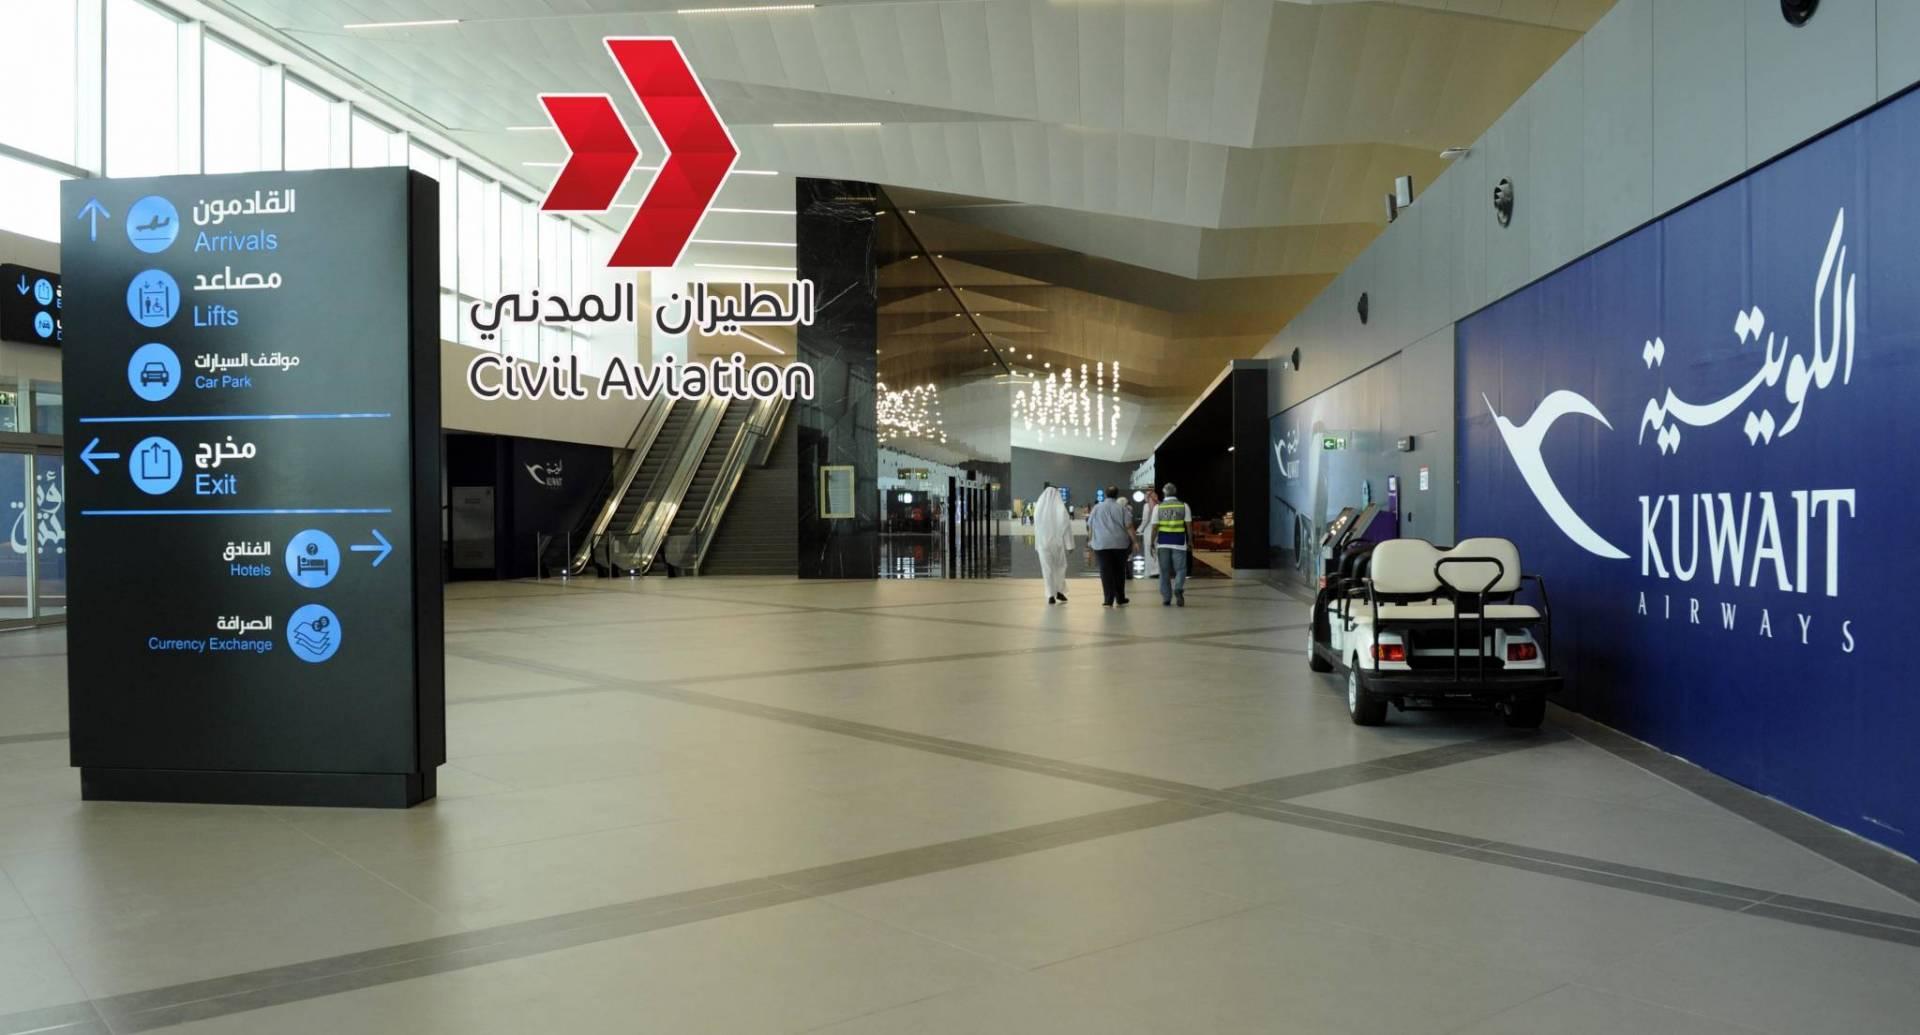 «الطيران المدني»: إجراءات تتيح للراغبين استقبال المسافرين عبر «تي 4»